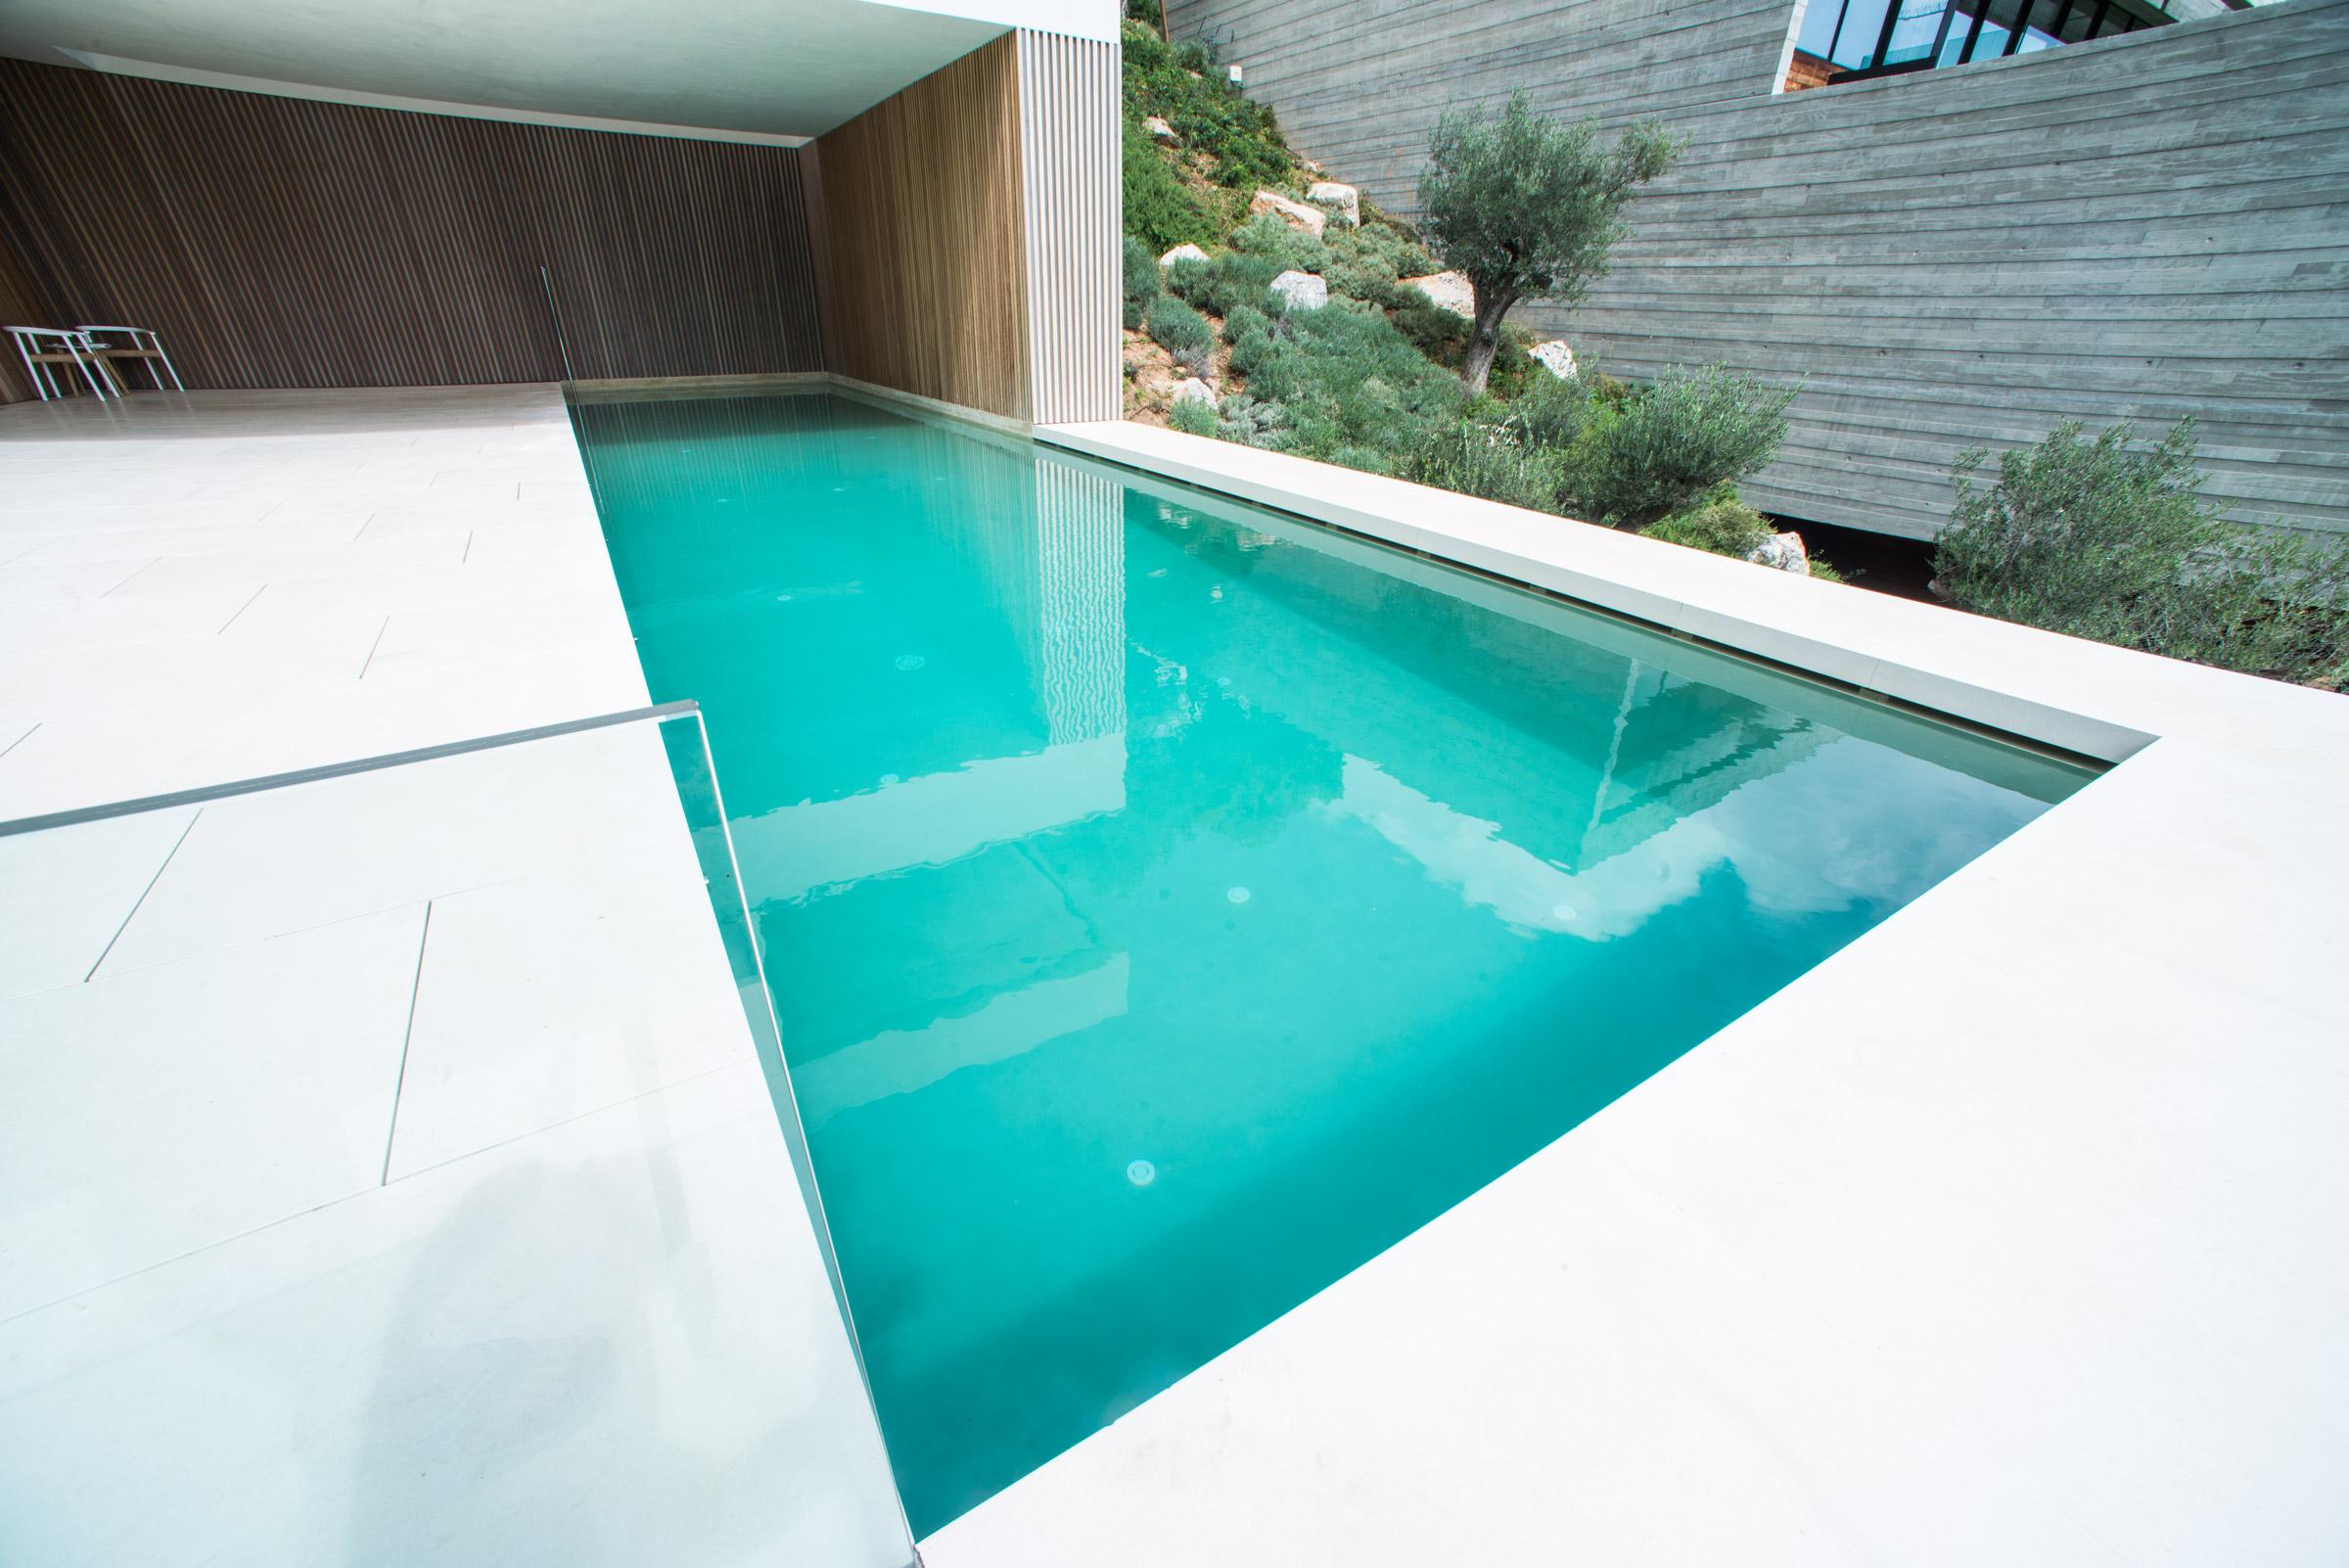 eleven mansion villa eleven. Black Bedroom Furniture Sets. Home Design Ideas